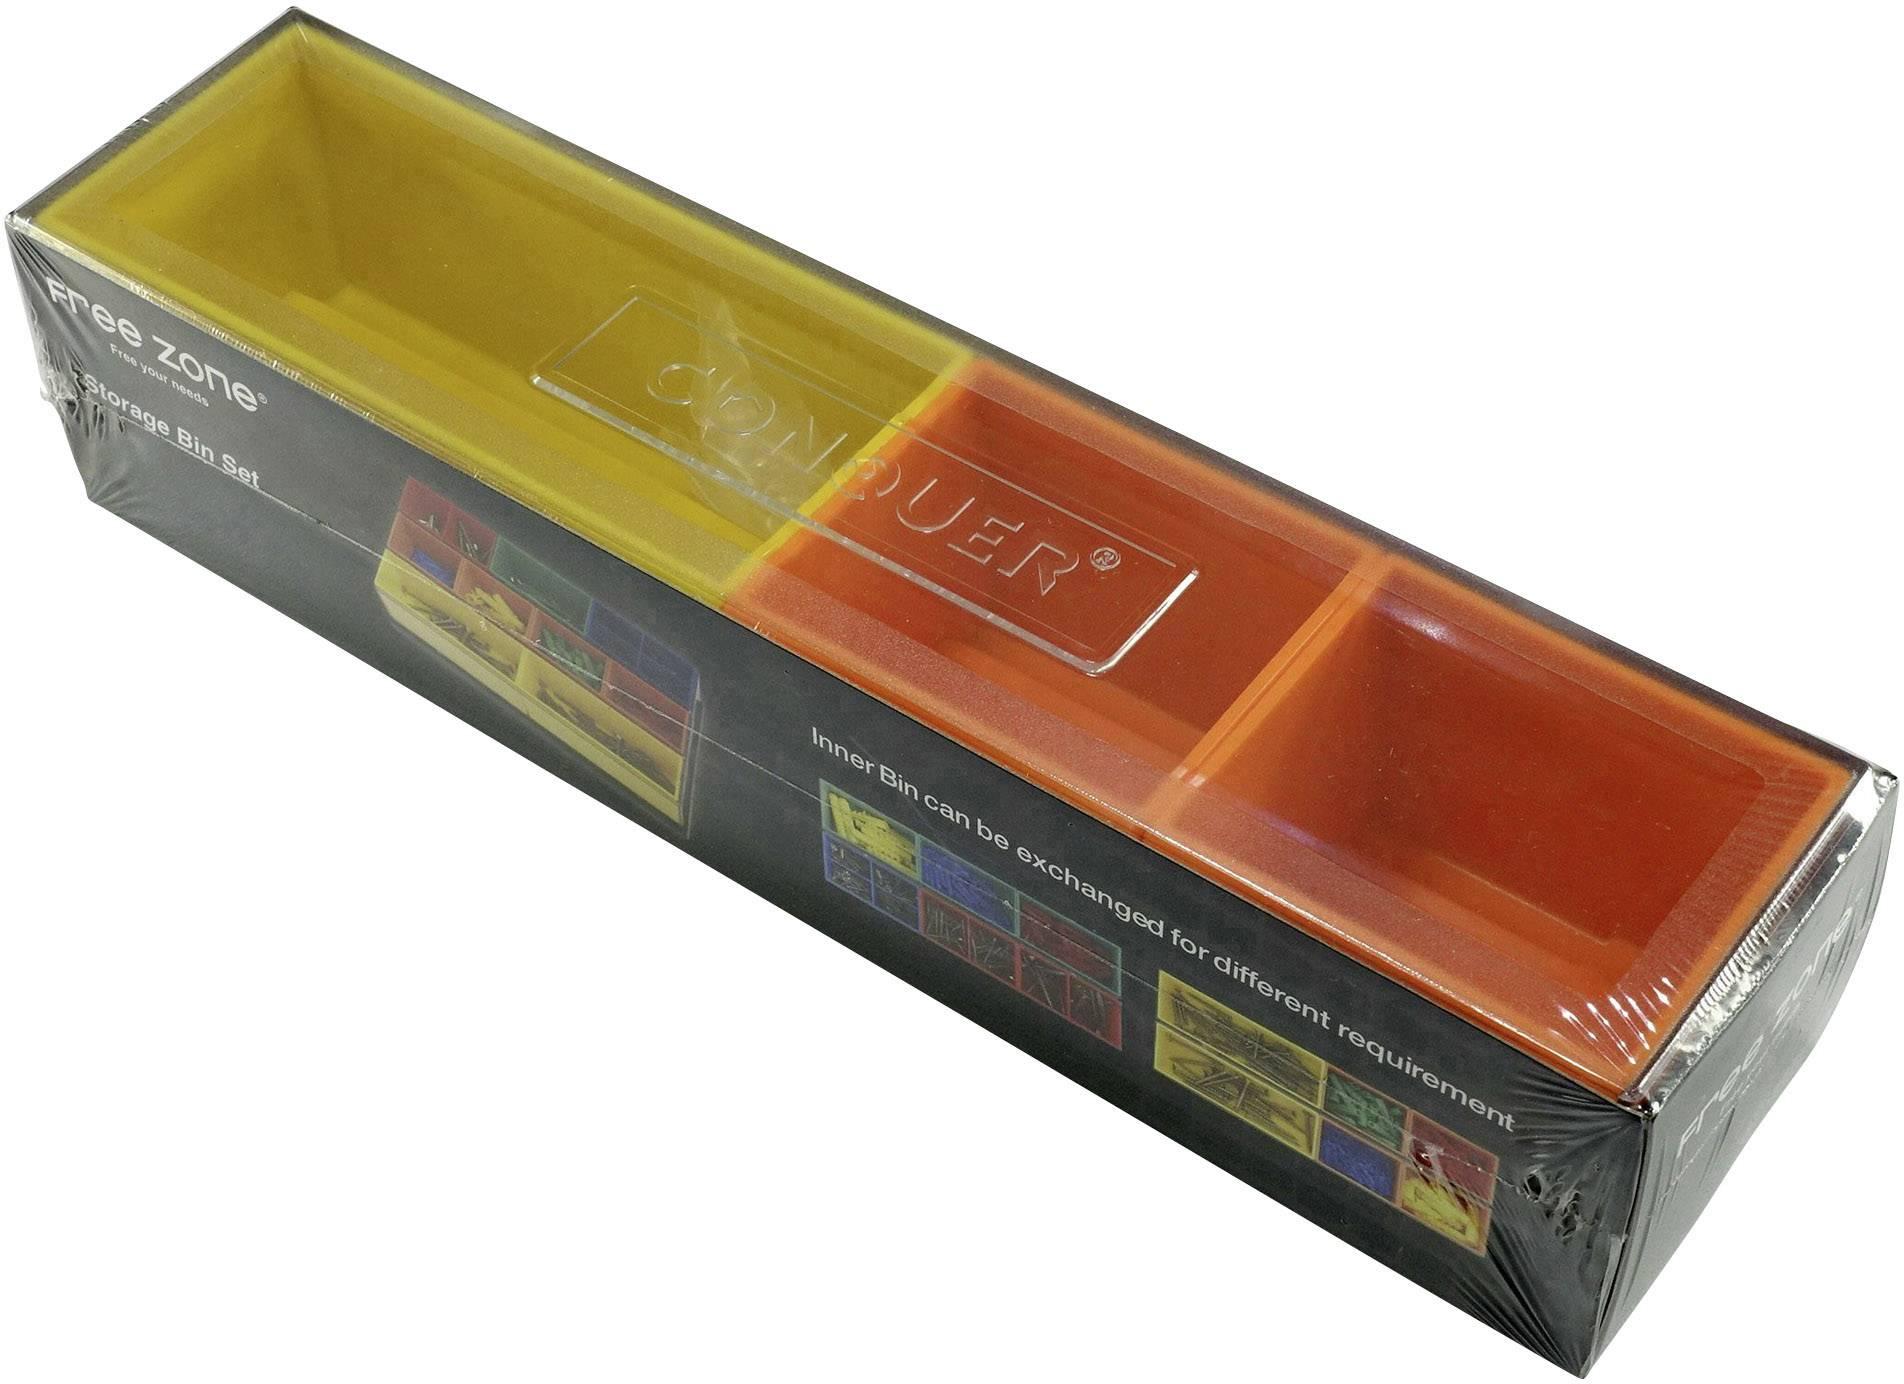 Sada úložných boxů na nářadí 1553643, (d x š x v) 278 x 62 x 60 mm